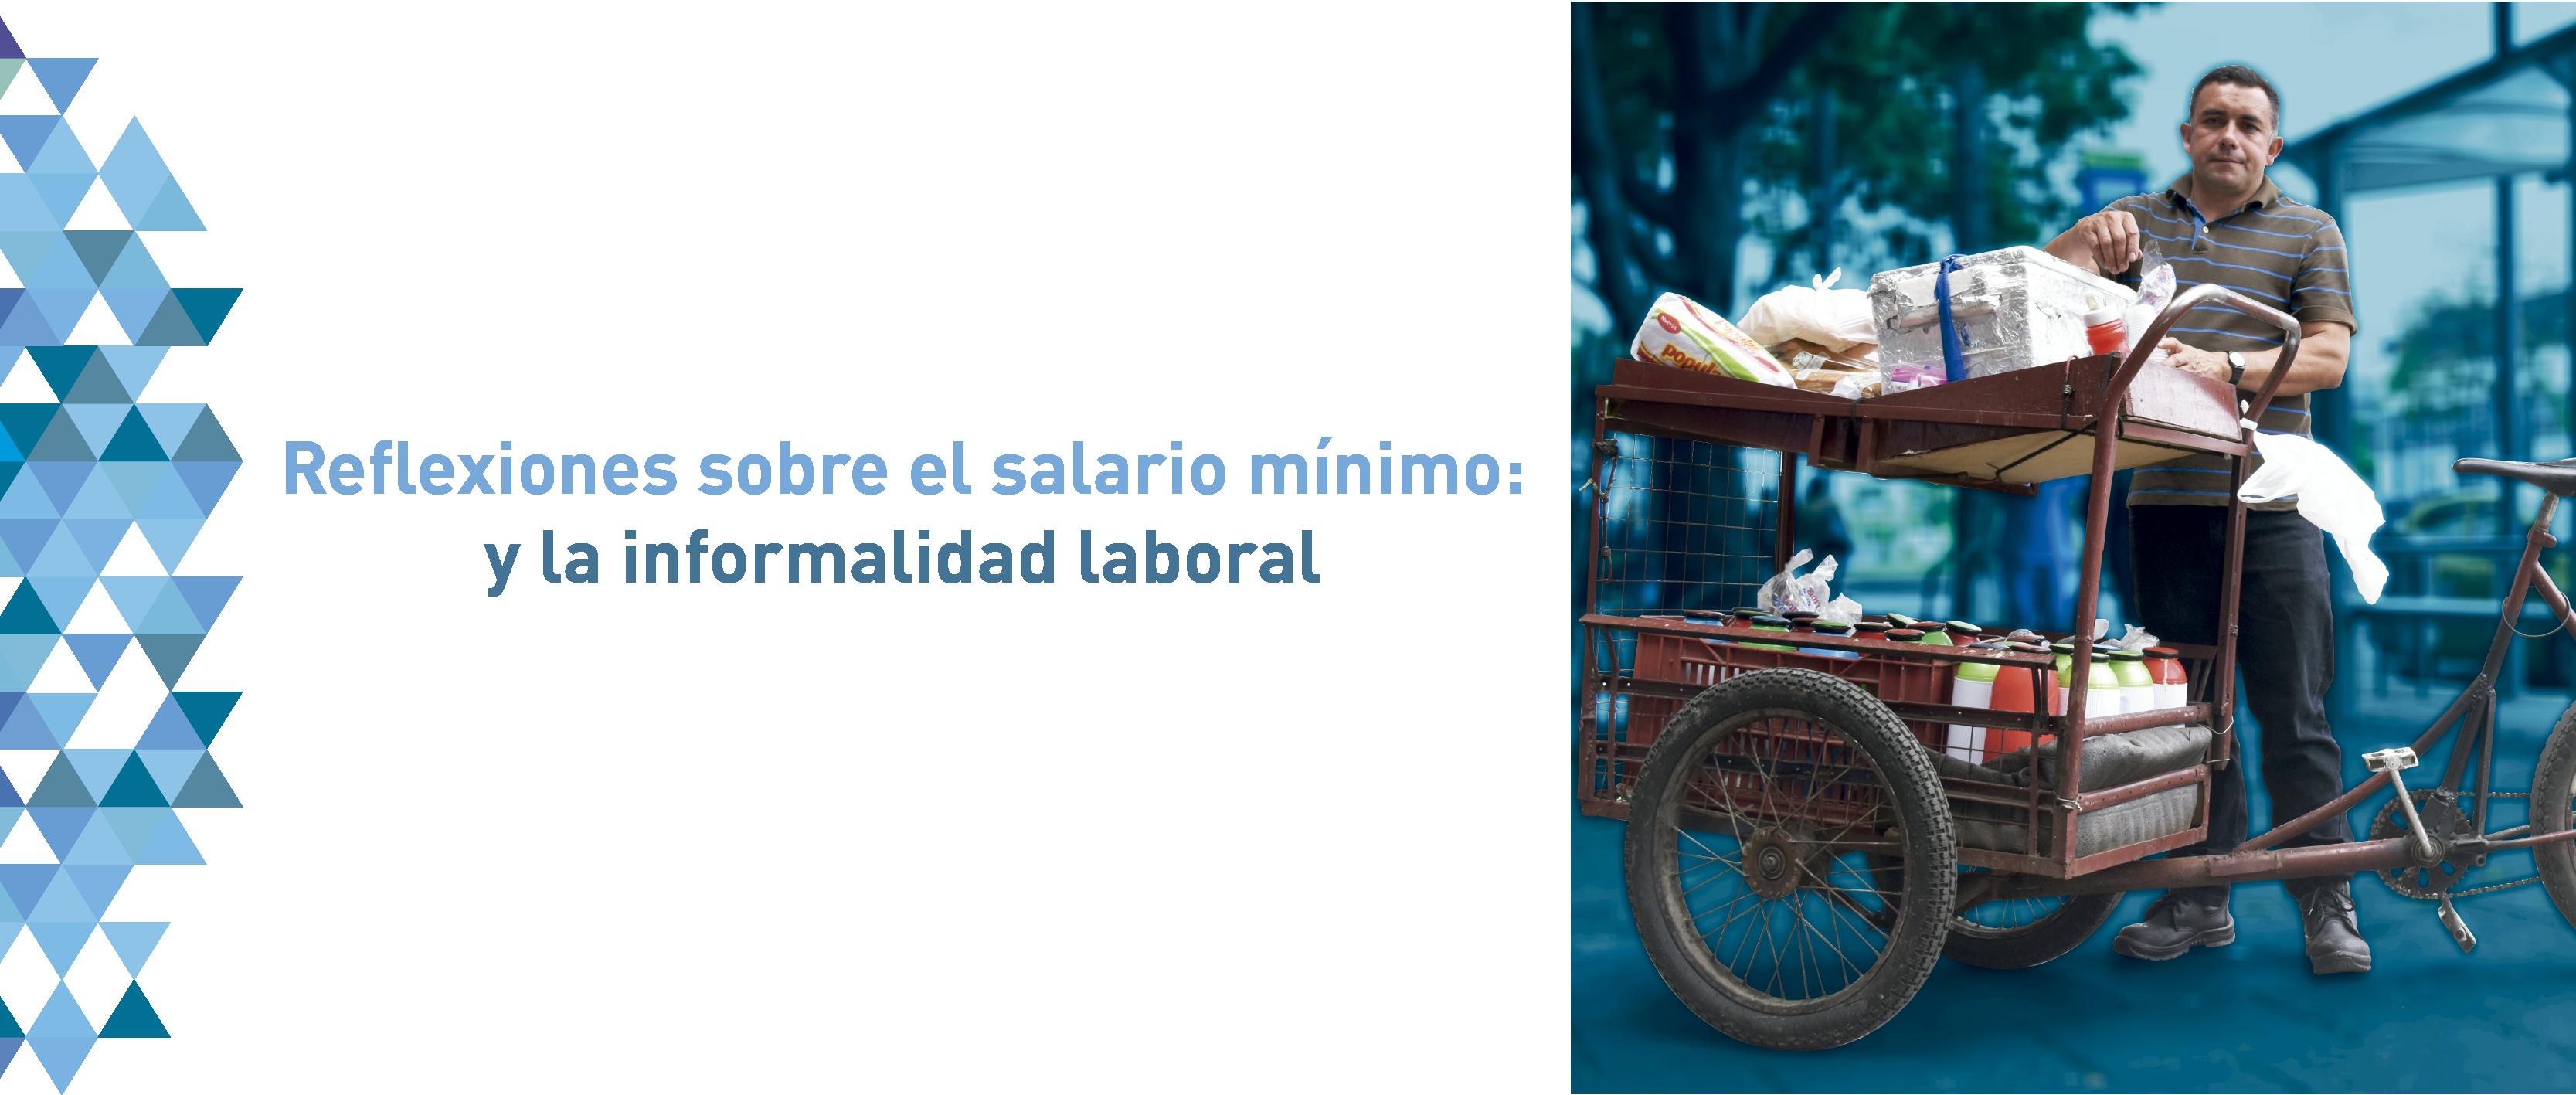 La insuficiencia del salario mínimo no incentiva a que la población trabajadora colombiana opte por un empleo formal: Cuso International